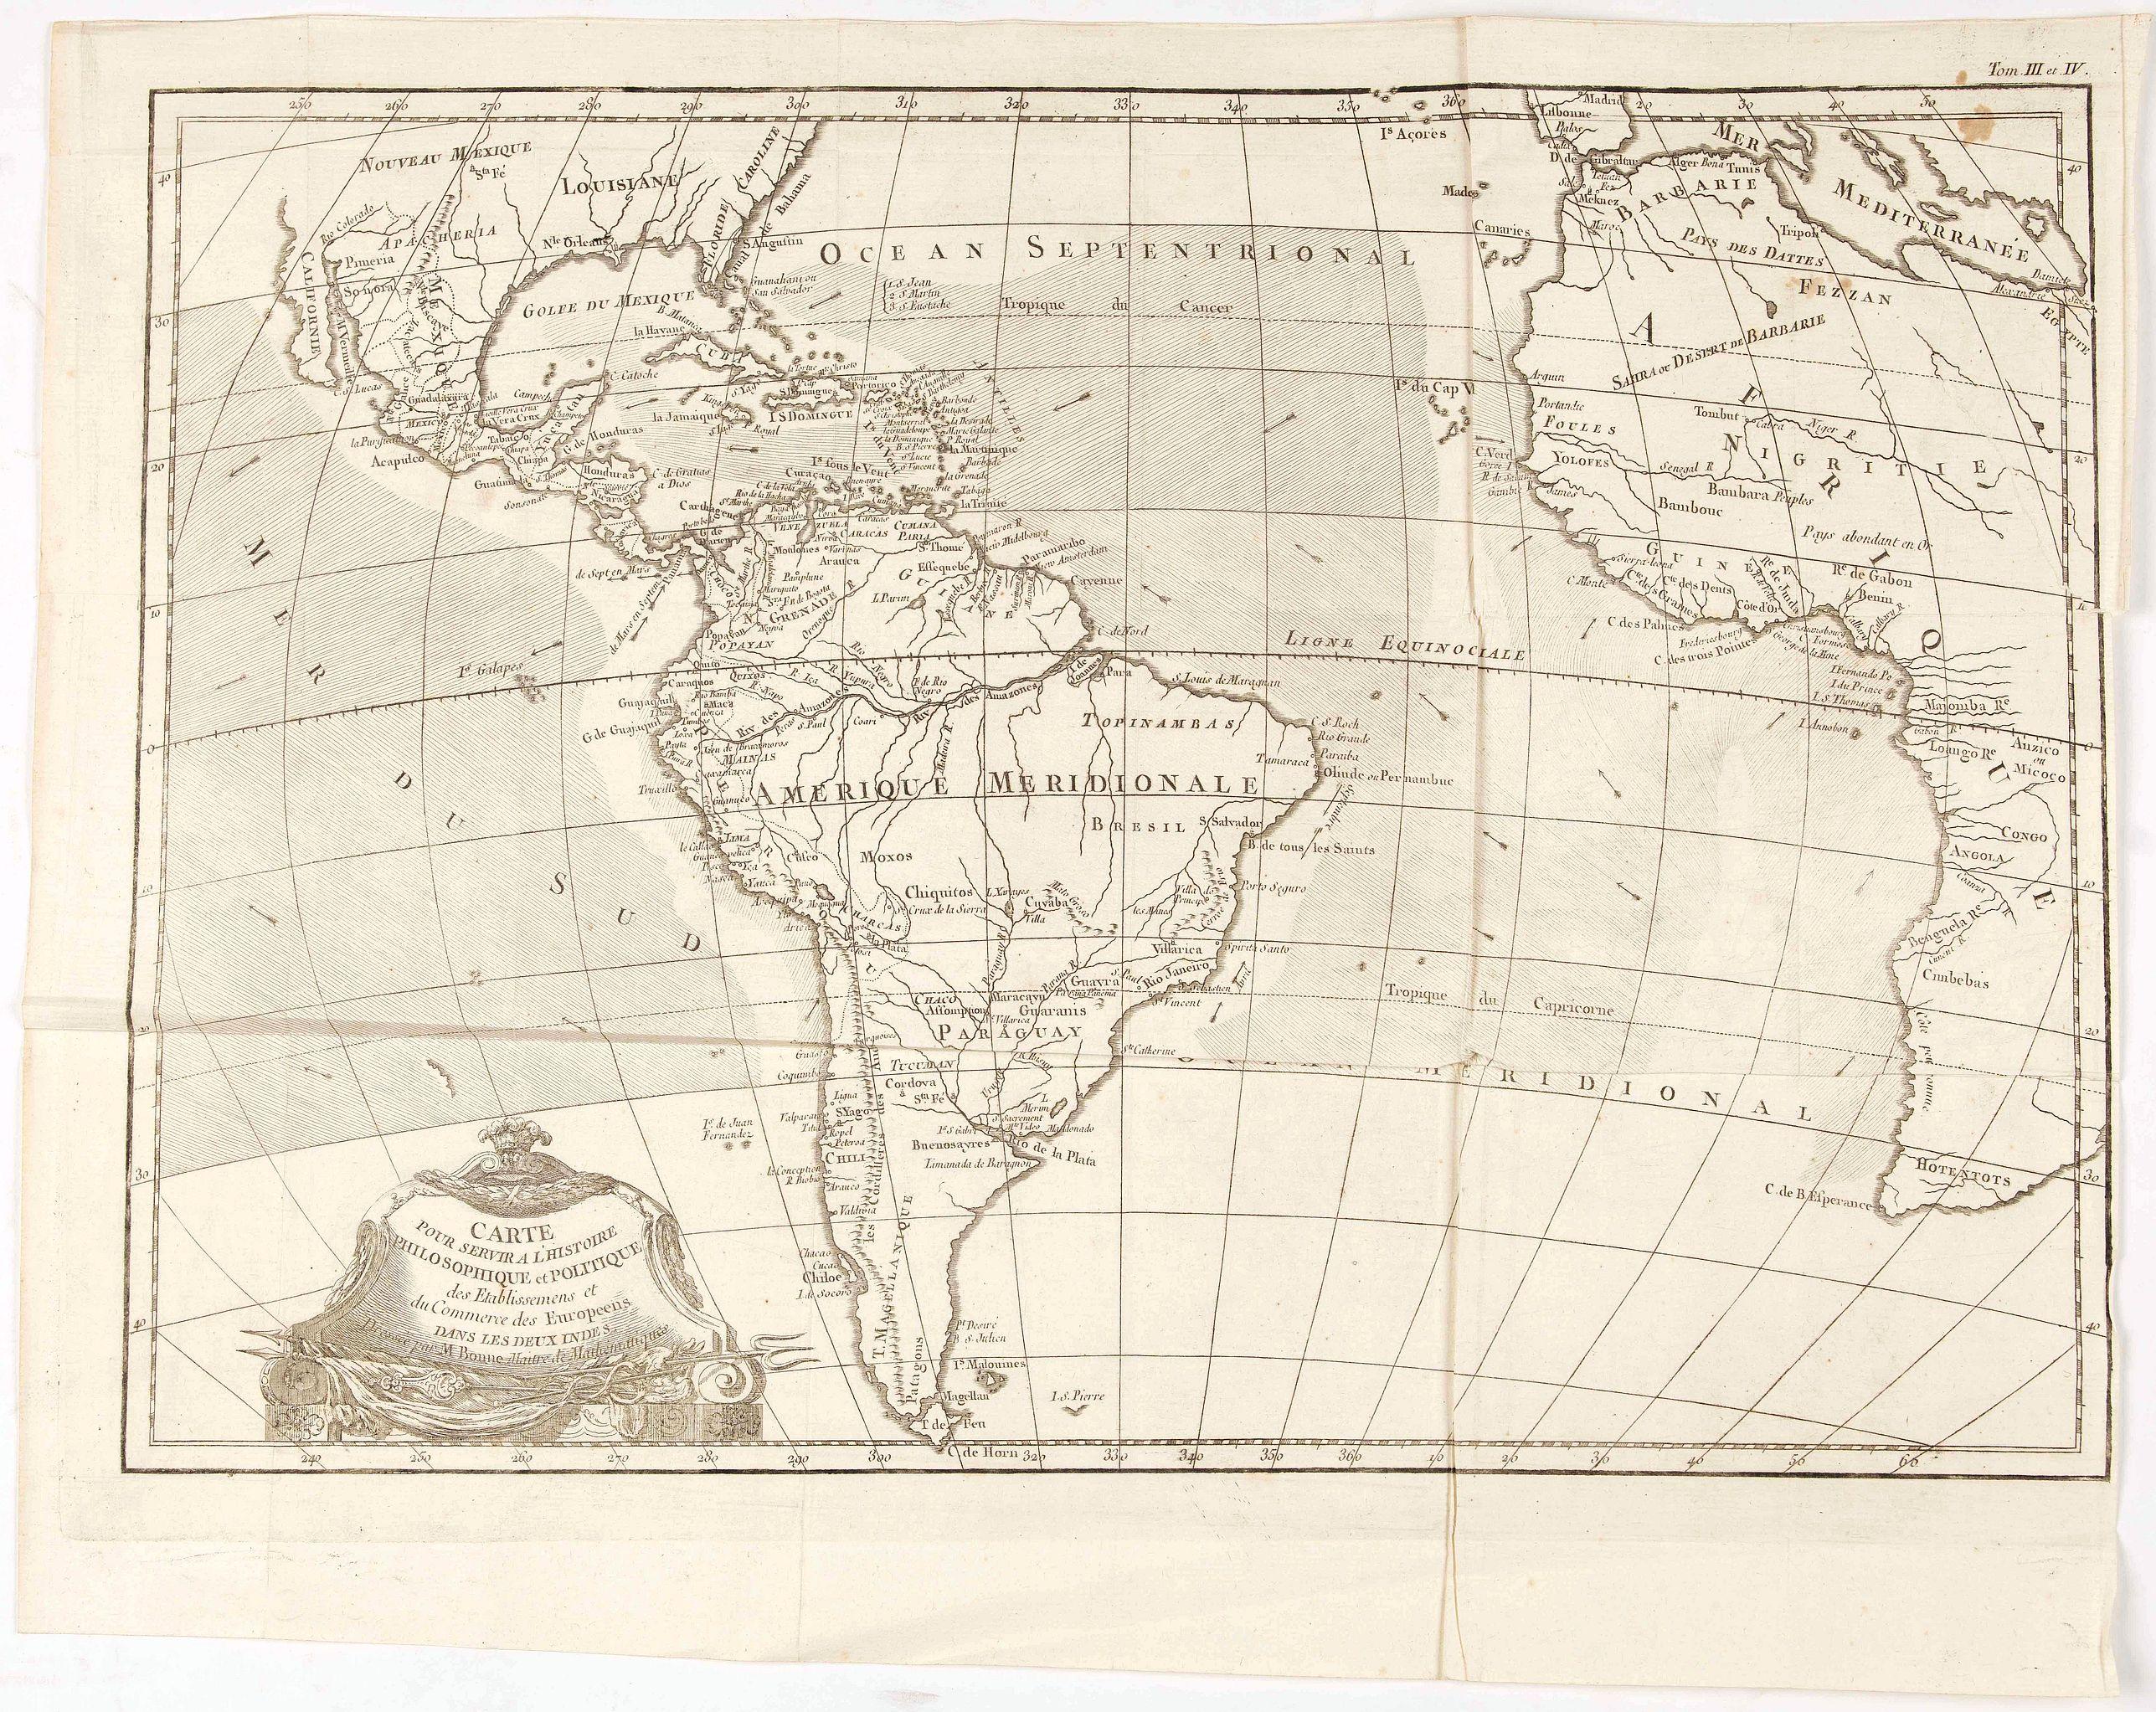 BONNE, R. - Carte pour servir a L'Histoire Philosophique et Politique des Etablissemens et du Commerce des Europeens dans les deux Indes.